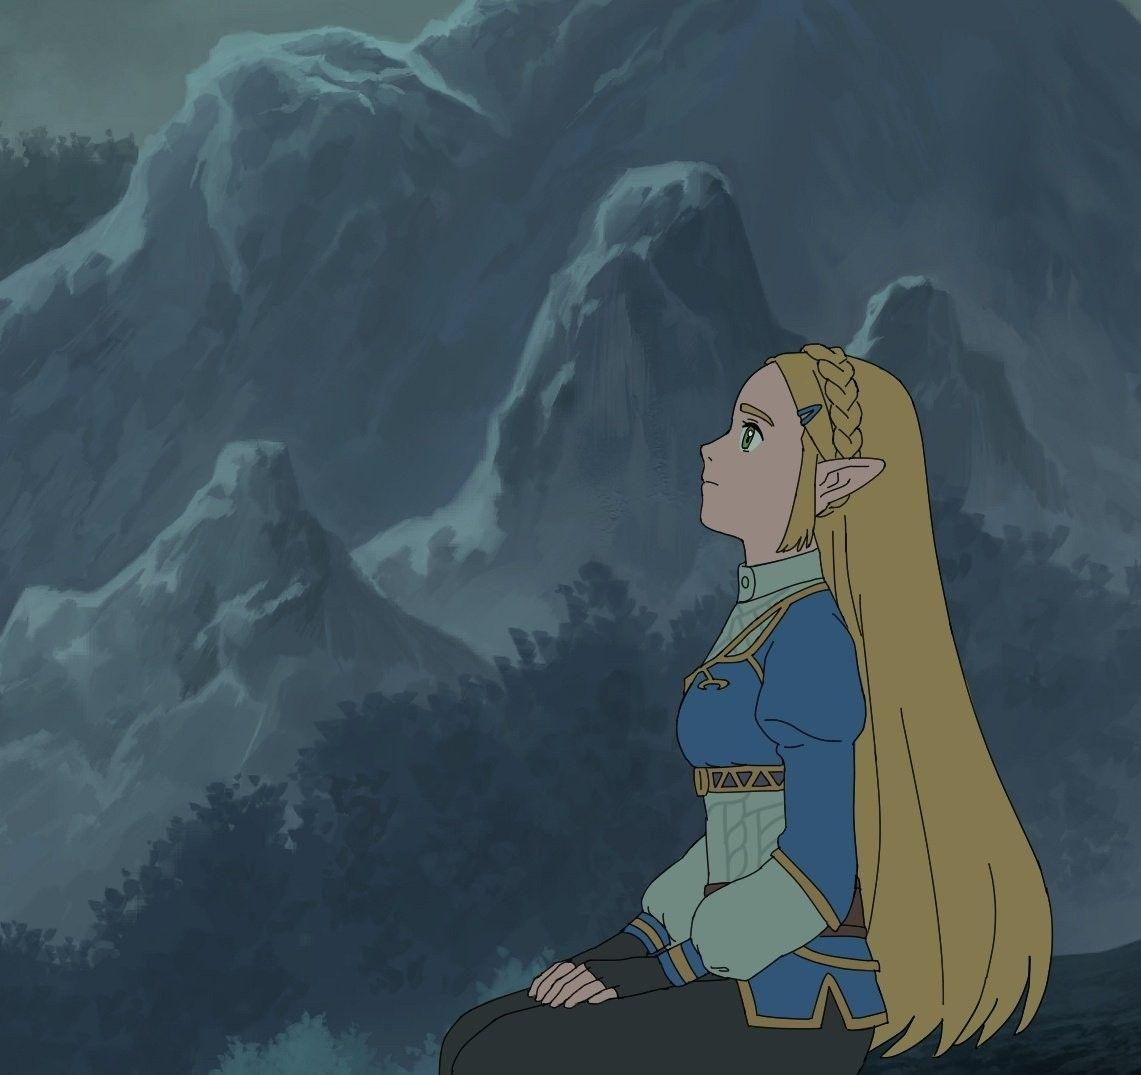 Legend Of Zelda Breath Of The Wild Art Princess Zelda Botw Mivic Zel Legend Of Zelda Breath Legend Of Zelda Zelda Art